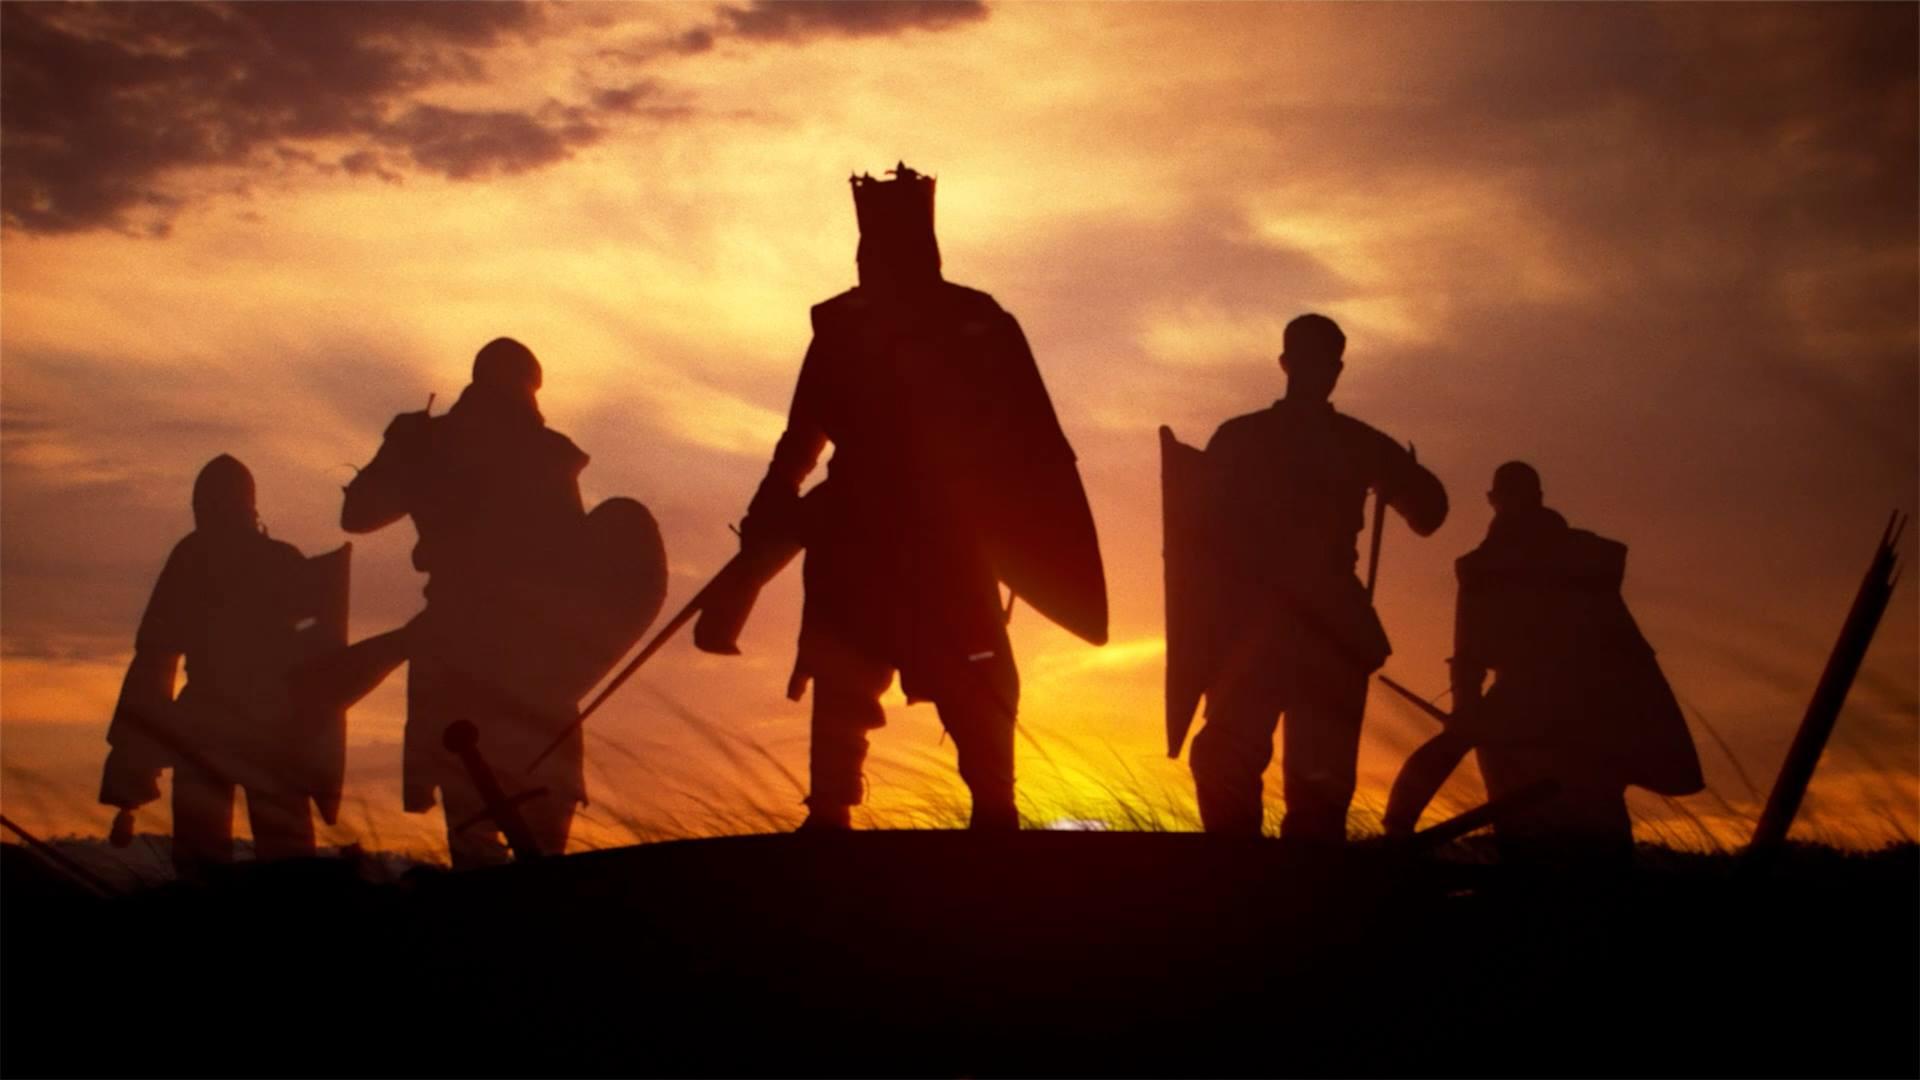 La bataille de Bouvines extrait vidéo